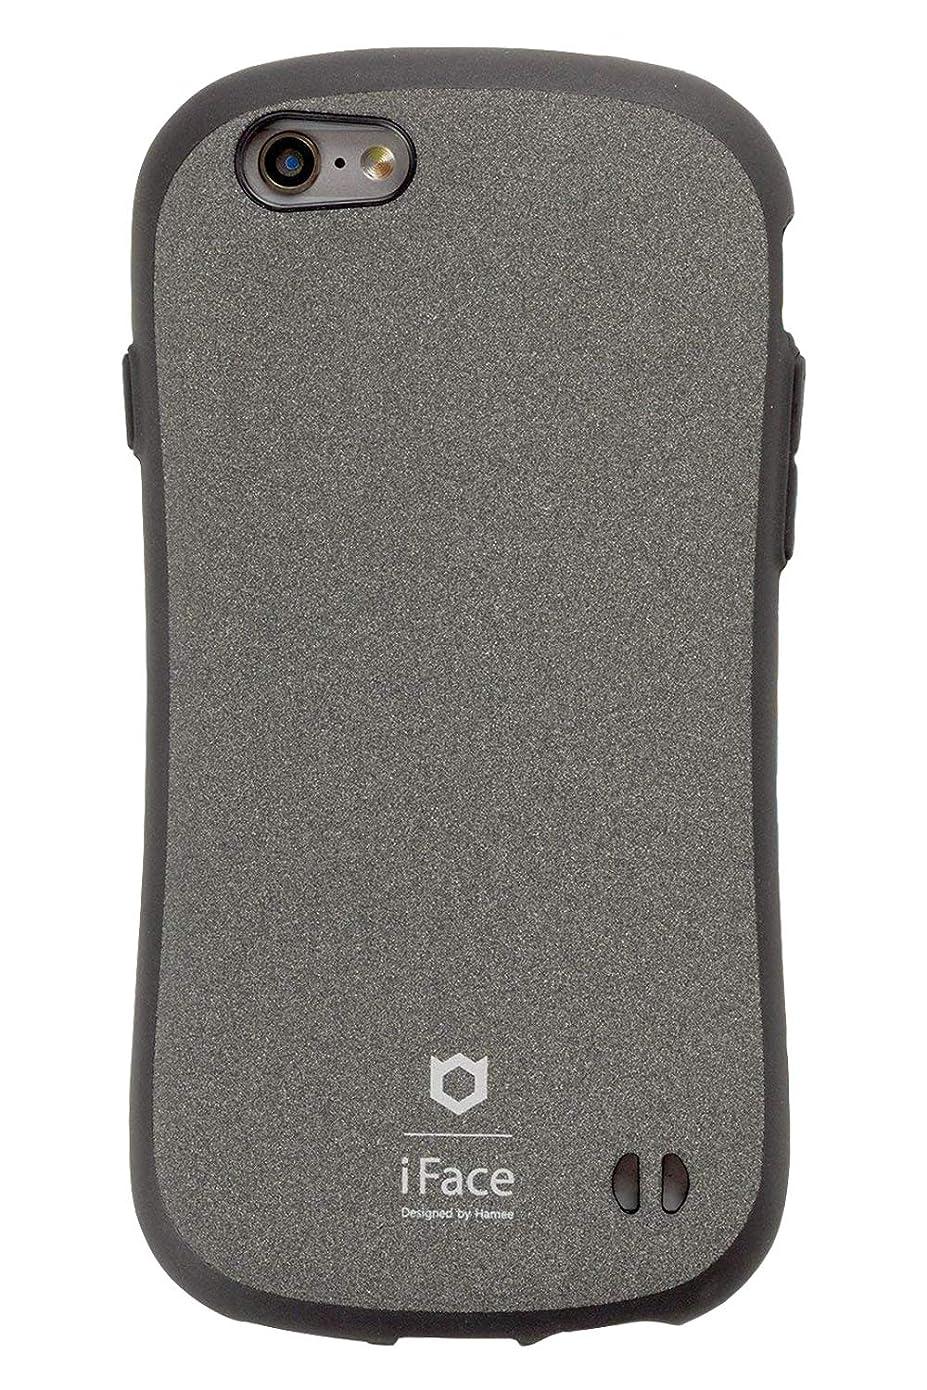 潜在的なスローバスルームiFace First Class Sense iPhone6s / 6 ケース 耐衝撃/グレー